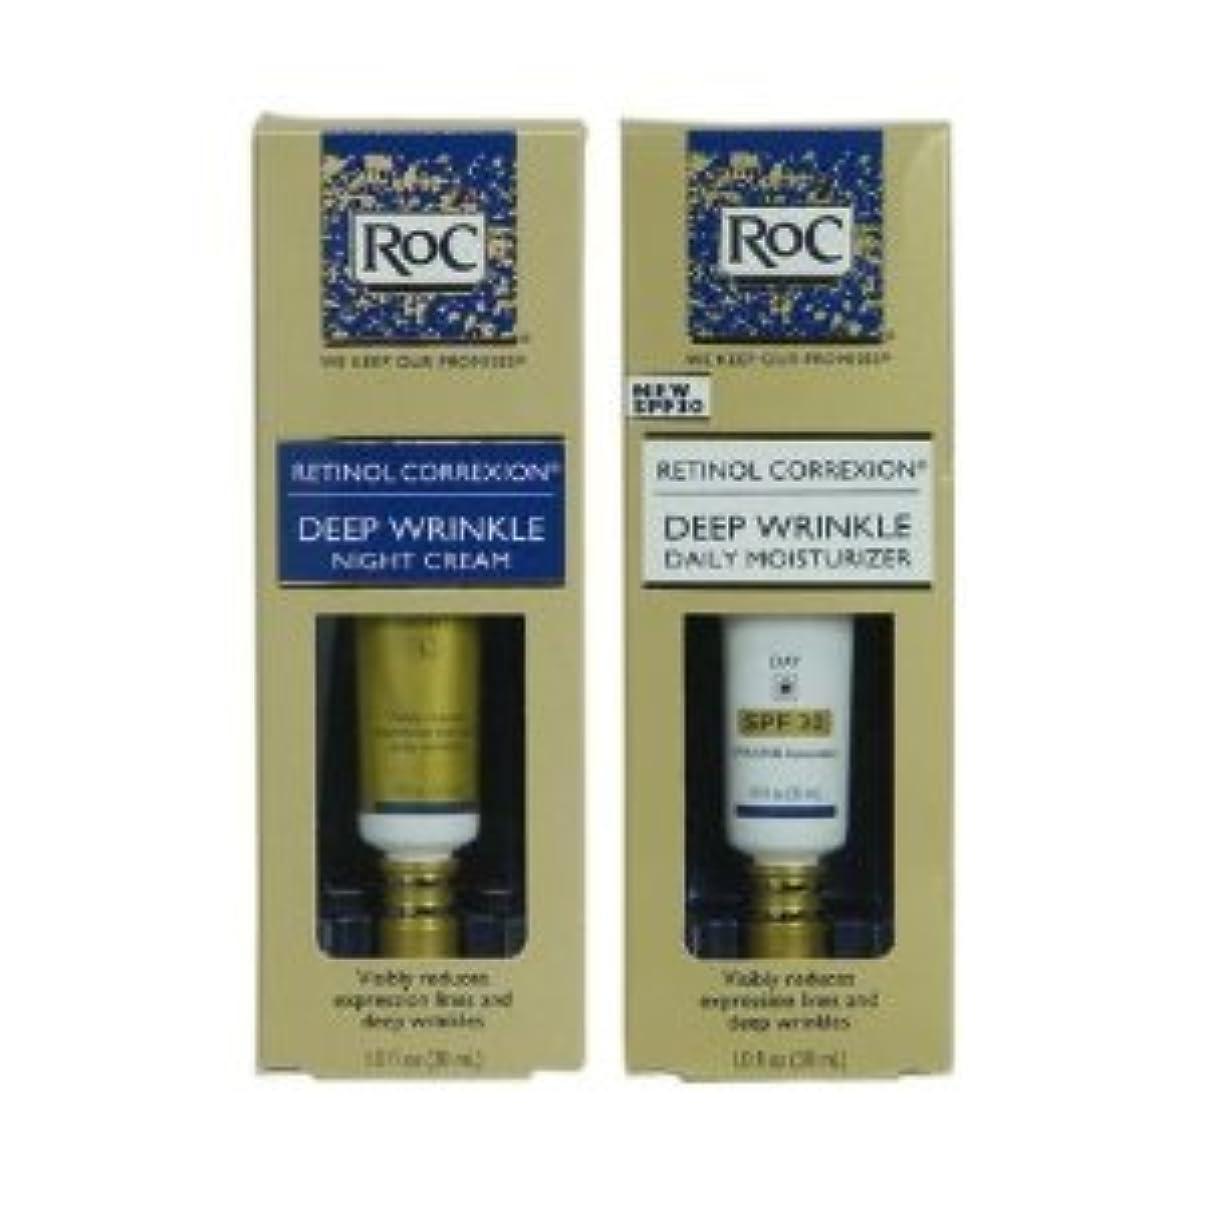 豊富に干渉家庭RoC レチノール コレクション 2本セット (昼+夜セット) フランス製 RoC Retinol Correxion Deep Wrinkle Day/Night set